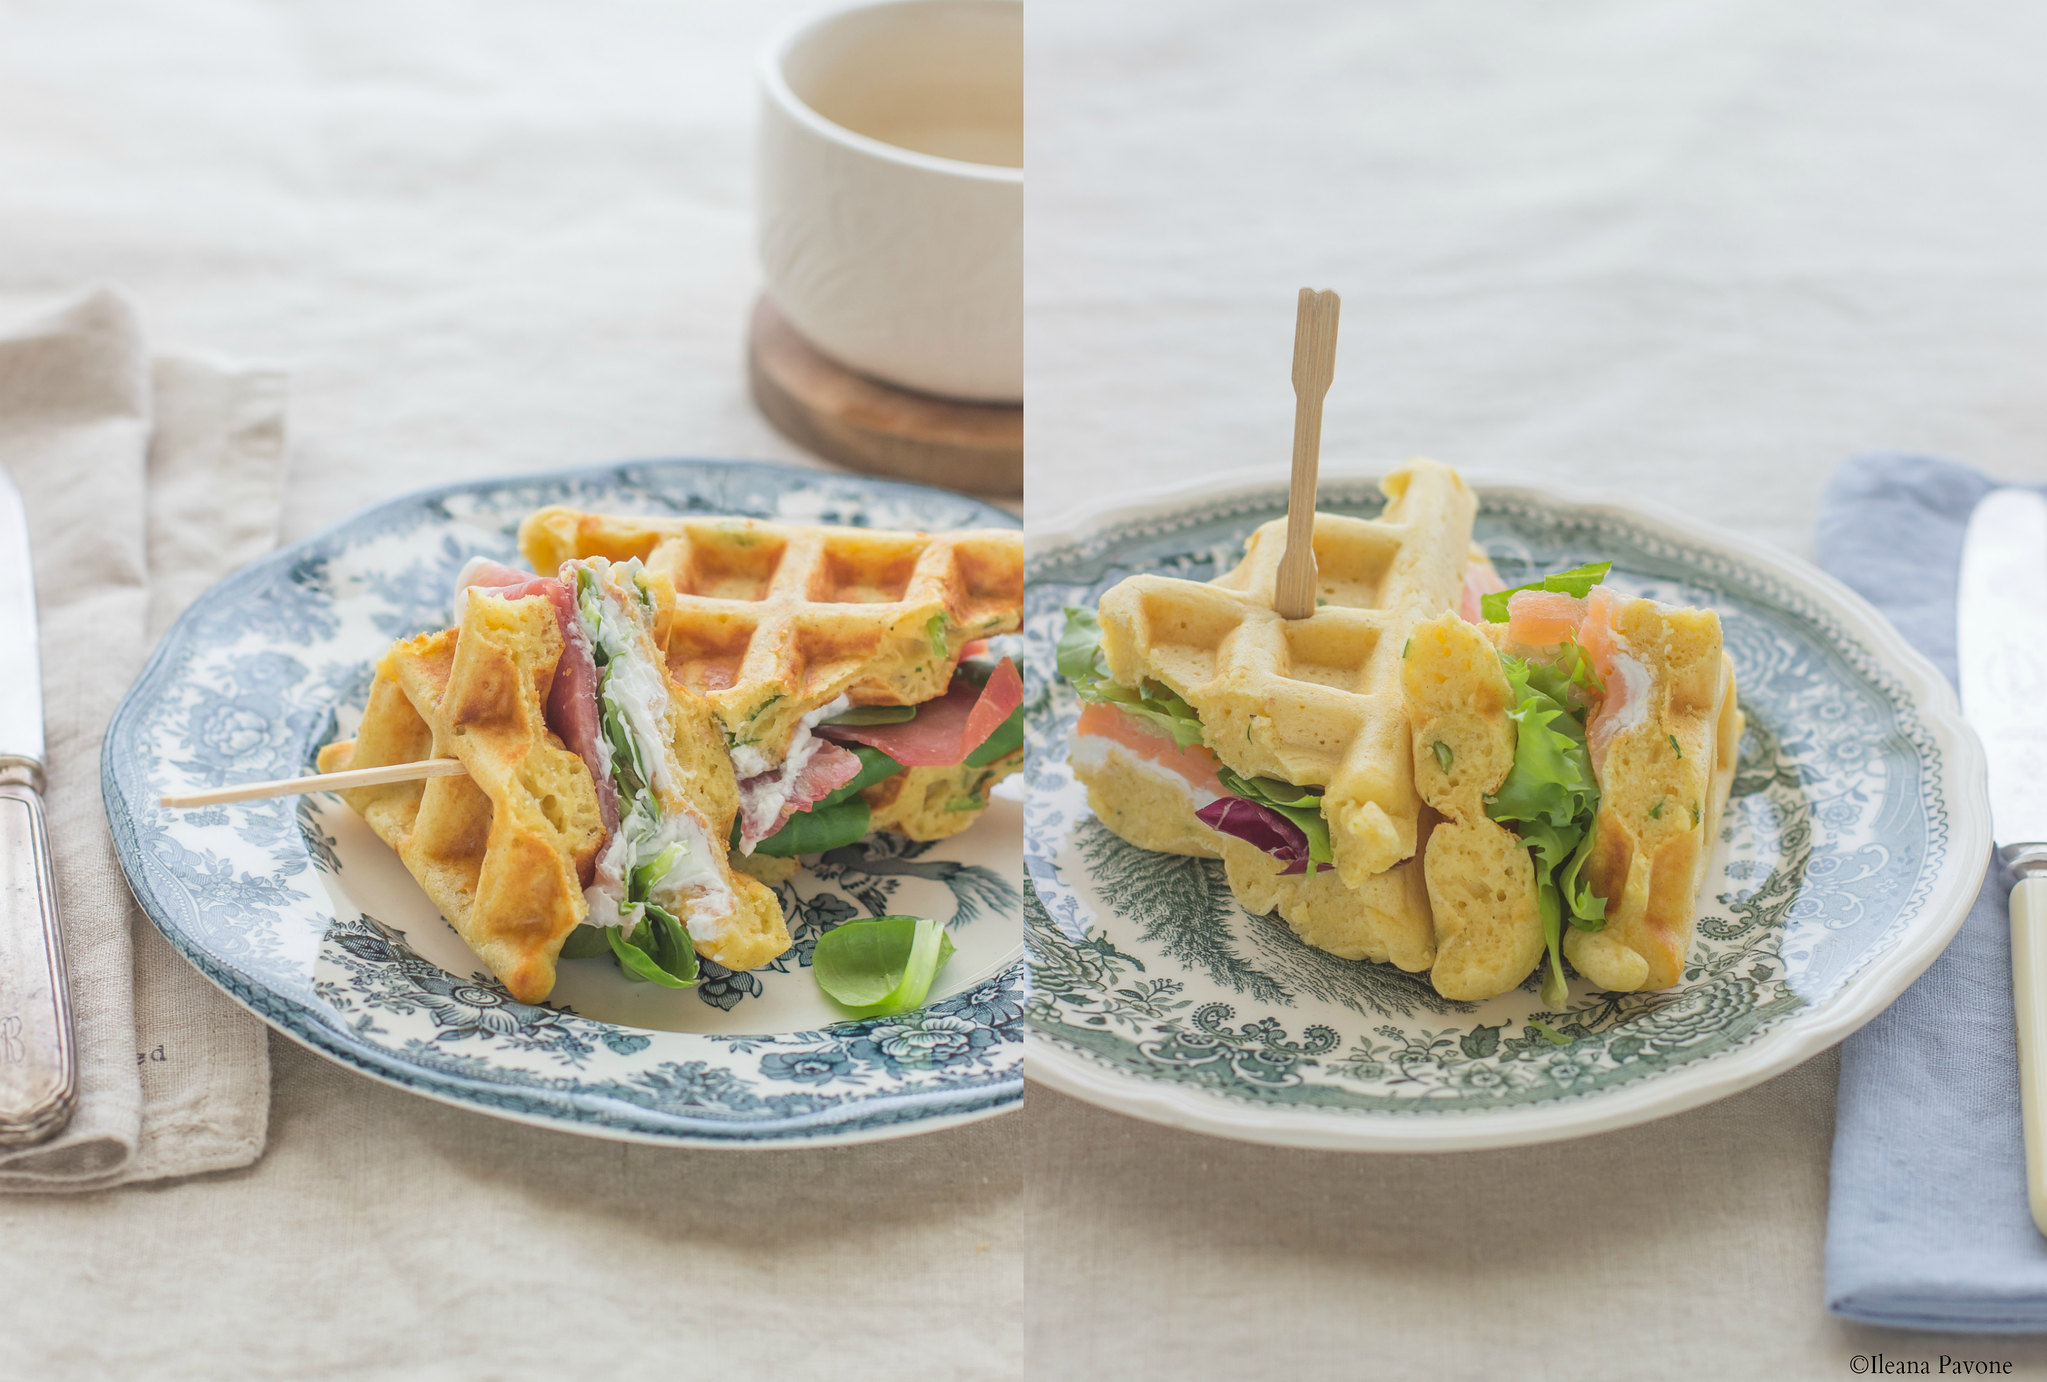 Ben noto 3 idee per la colazione salata - facili, veloci e nutrienti IO53